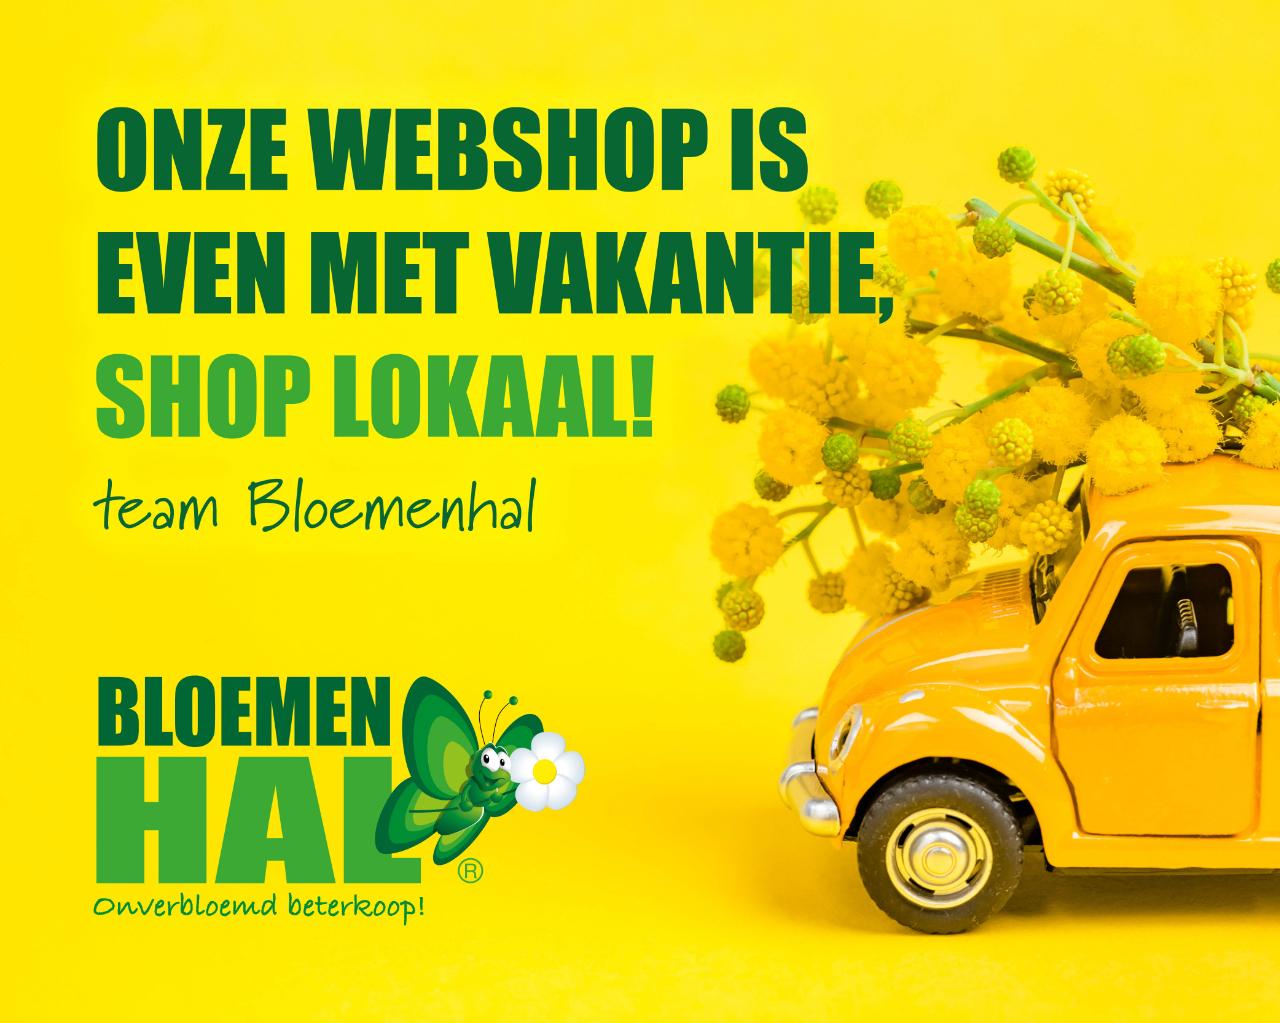 Onze webshop is even met vakantie, shop lokaal!